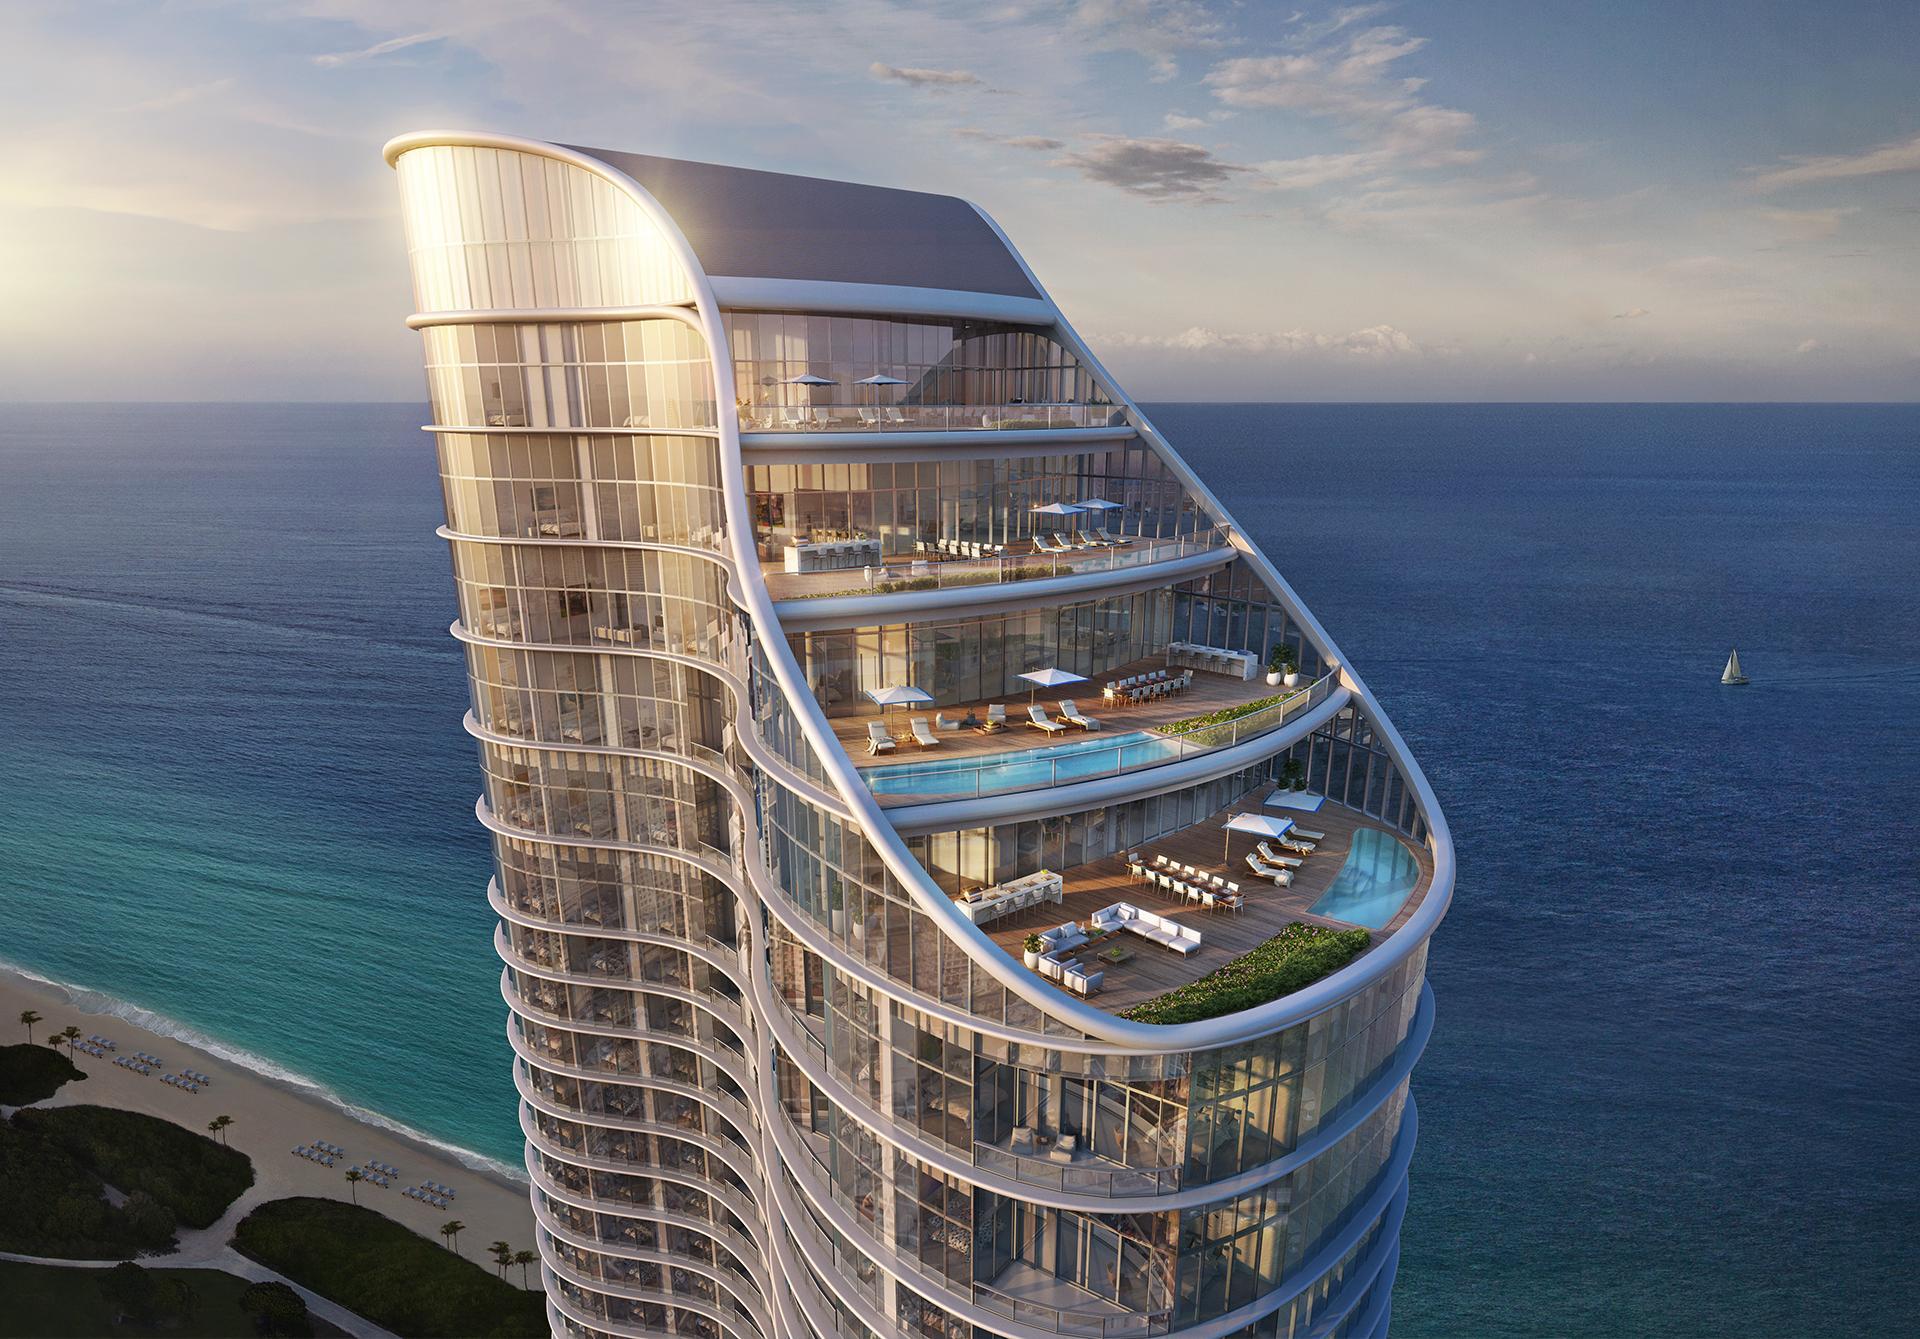 Apartamento de luxo Miami - The Ritz